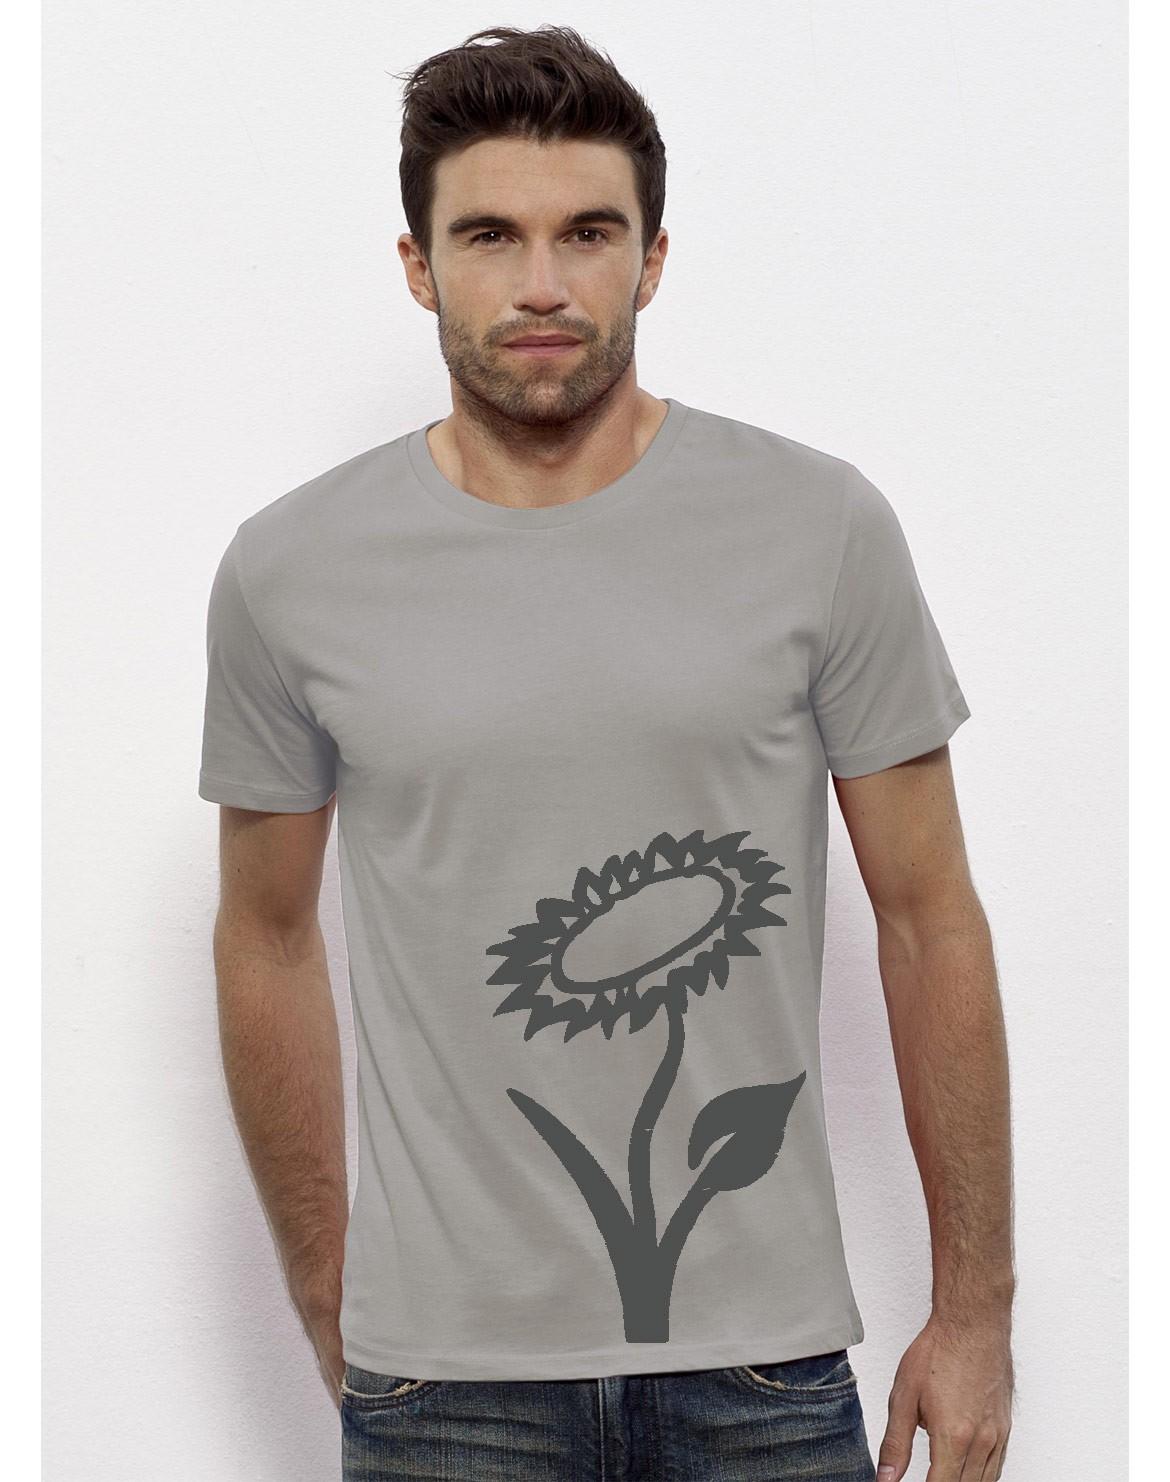 Vlower T-Shirt Opal